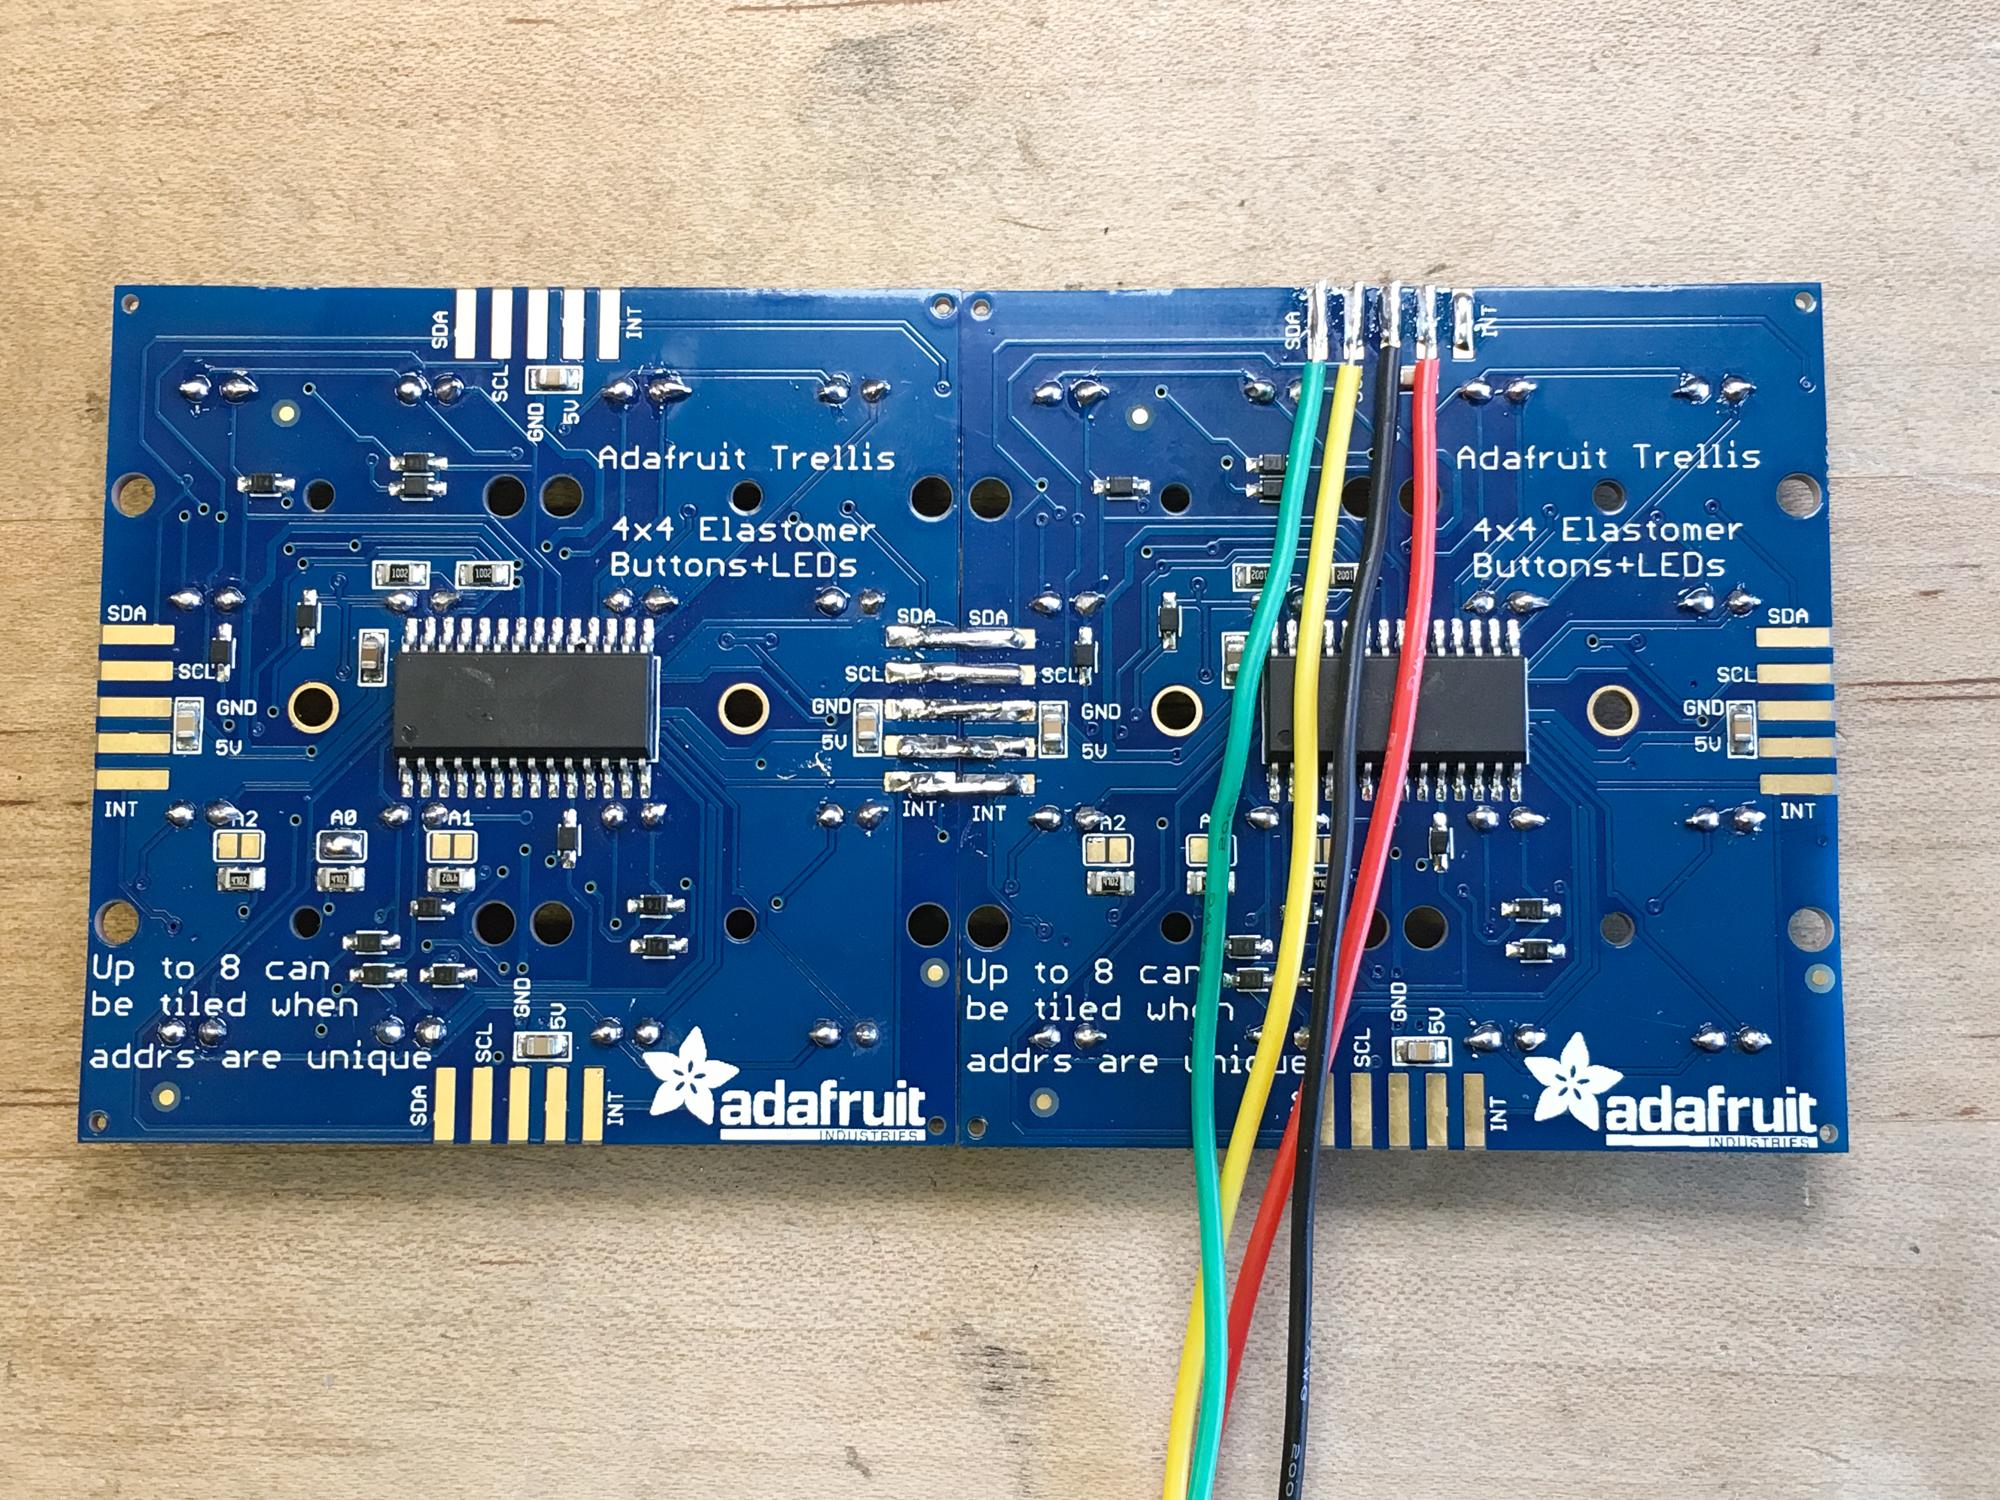 microcontrollers_IMG_1897_2k.jpg